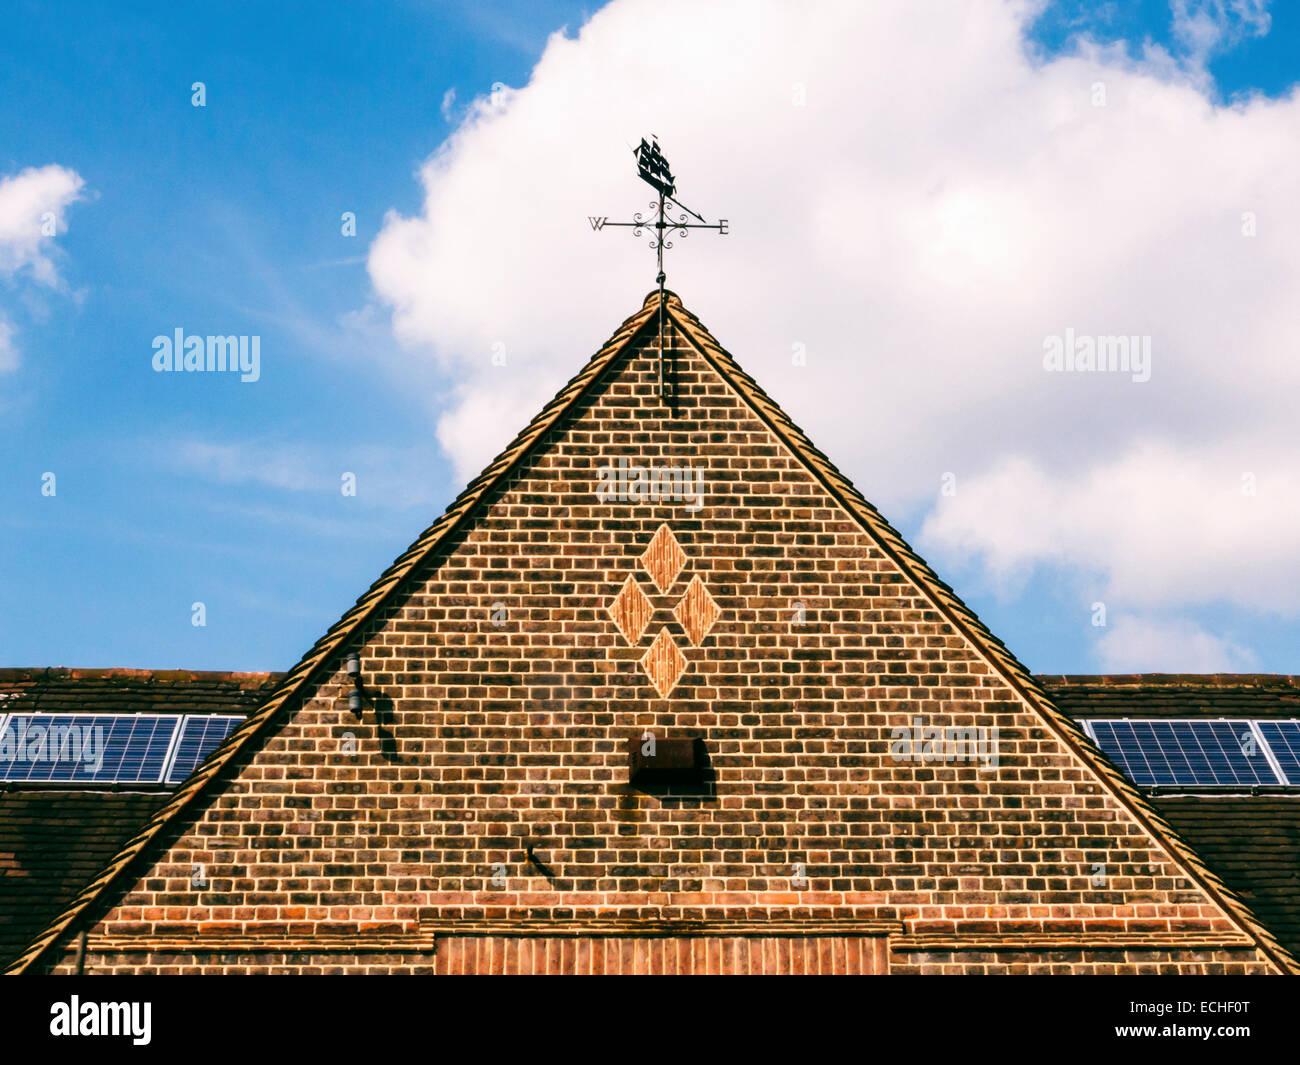 Buque veleta en ladrillo gable y paneles solares en el techo del edificio en Whitton, Twickenham Imagen De Stock